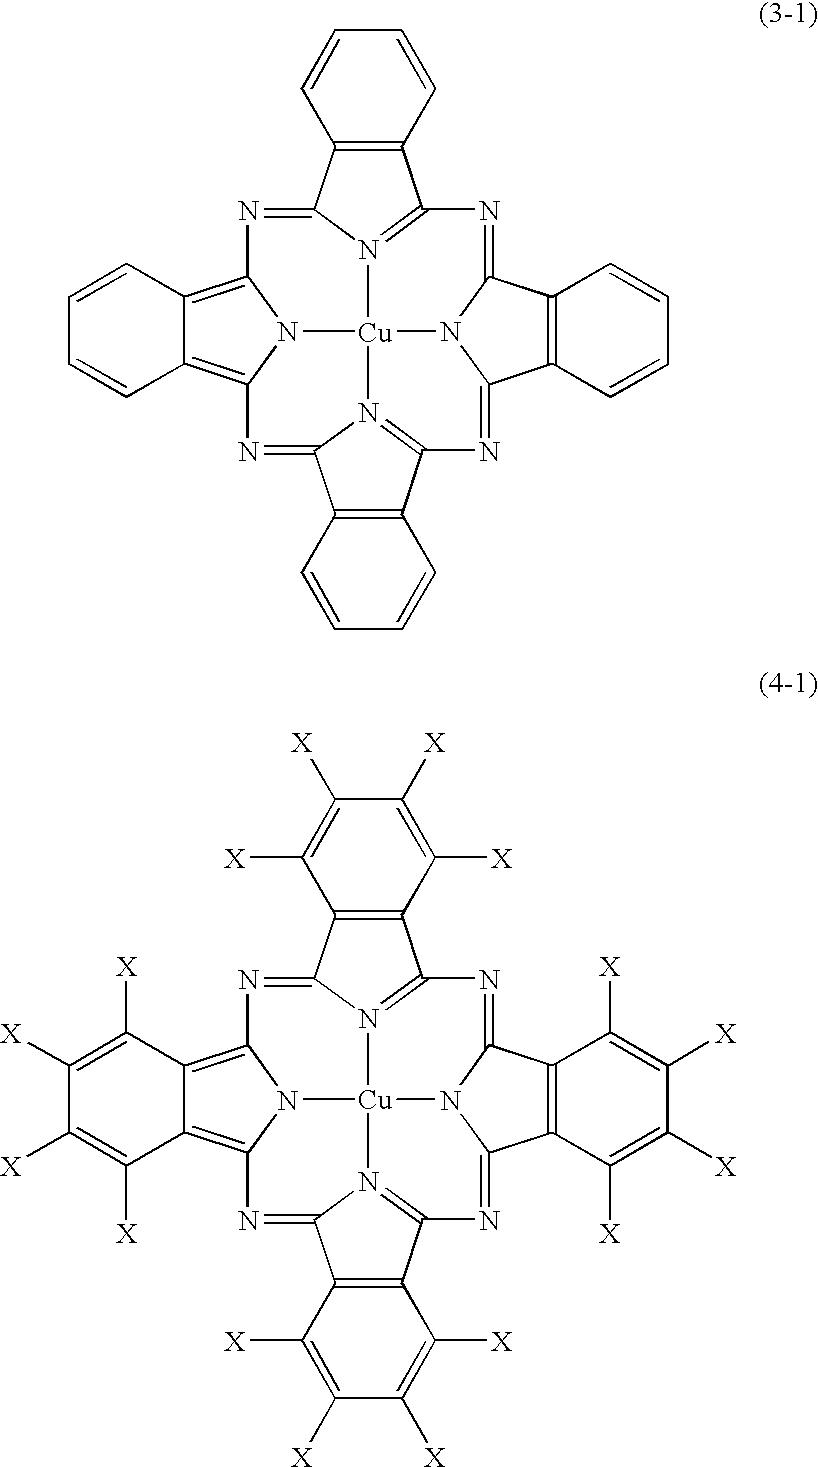 Figure US20030207186A1-20031106-C00019